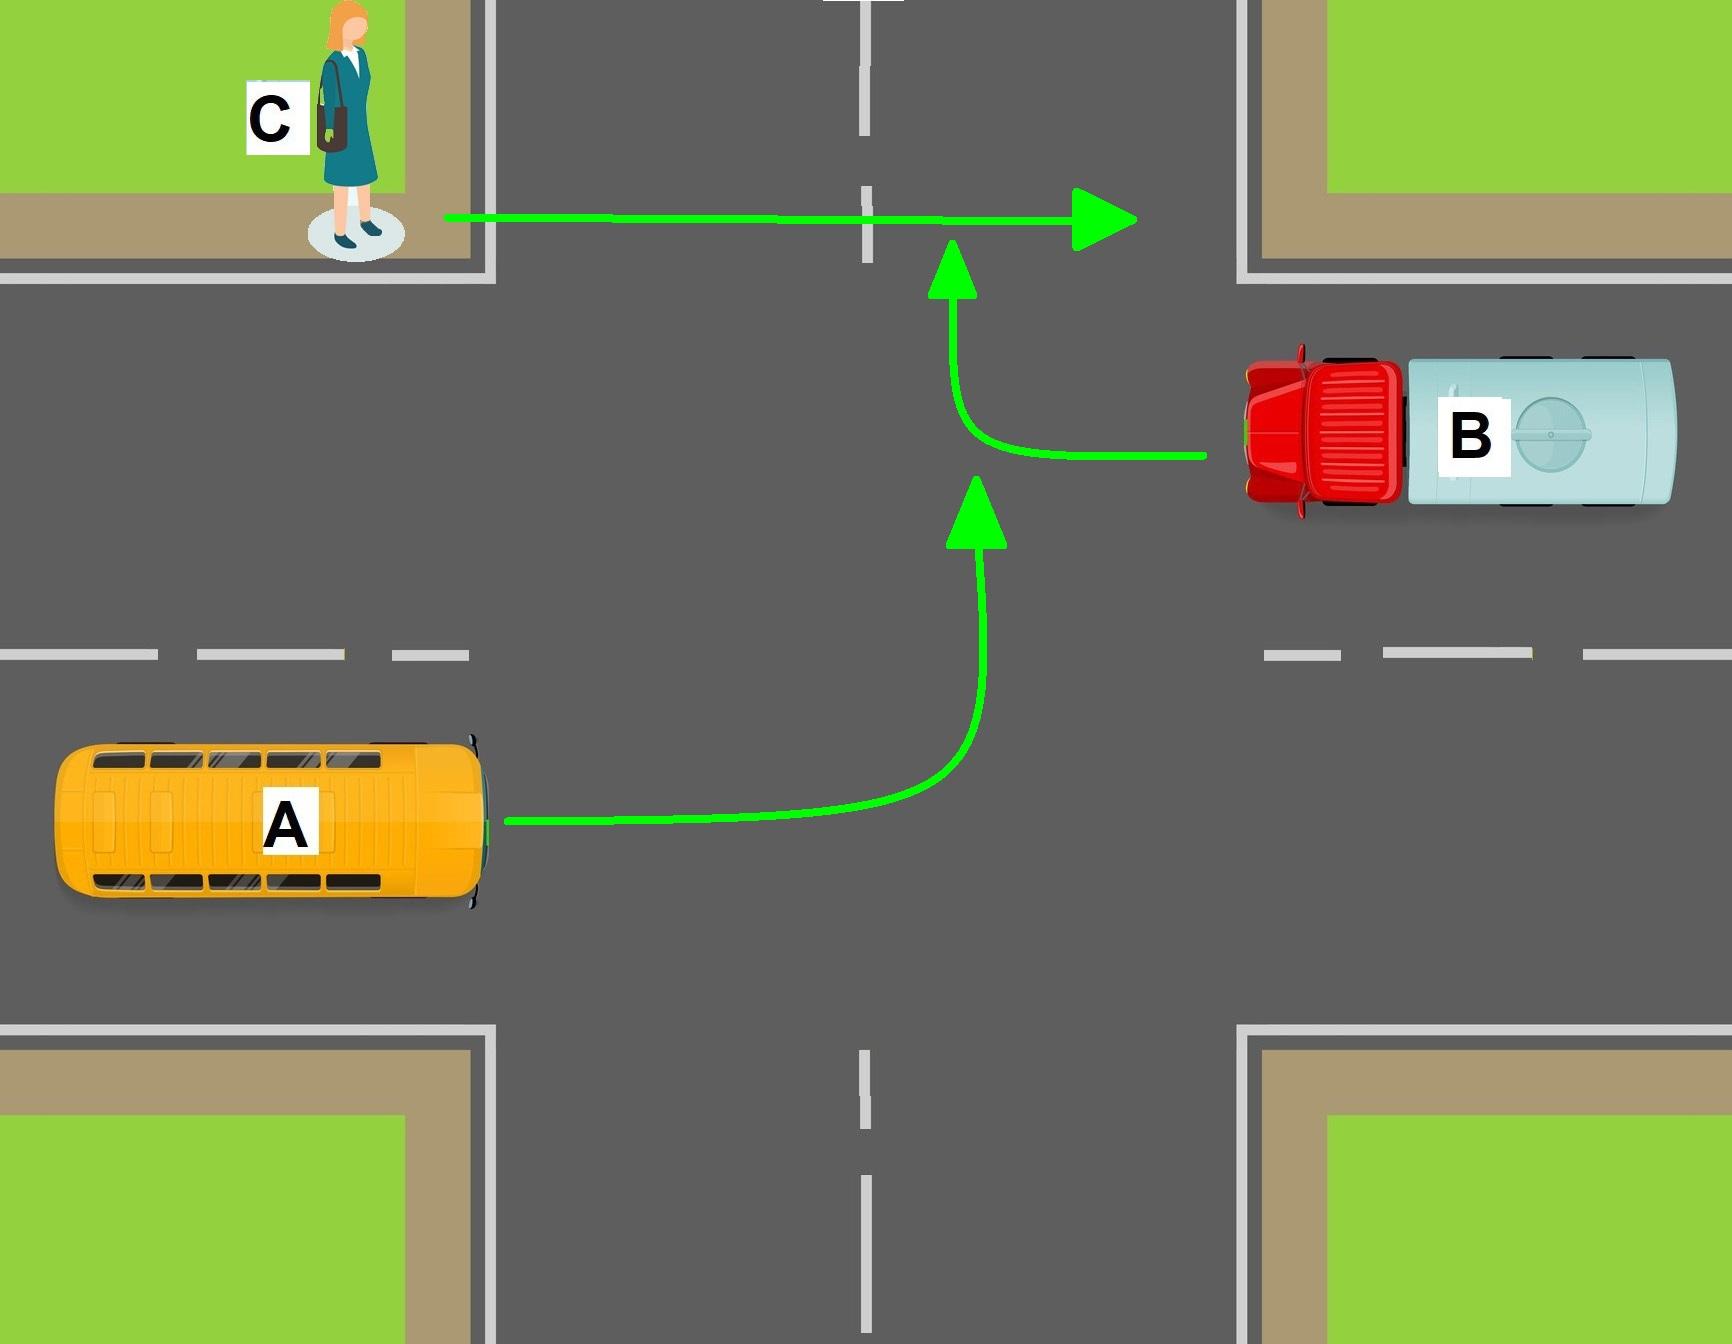 Mi a helyes sorrend a fenti közlekedési szituációban?